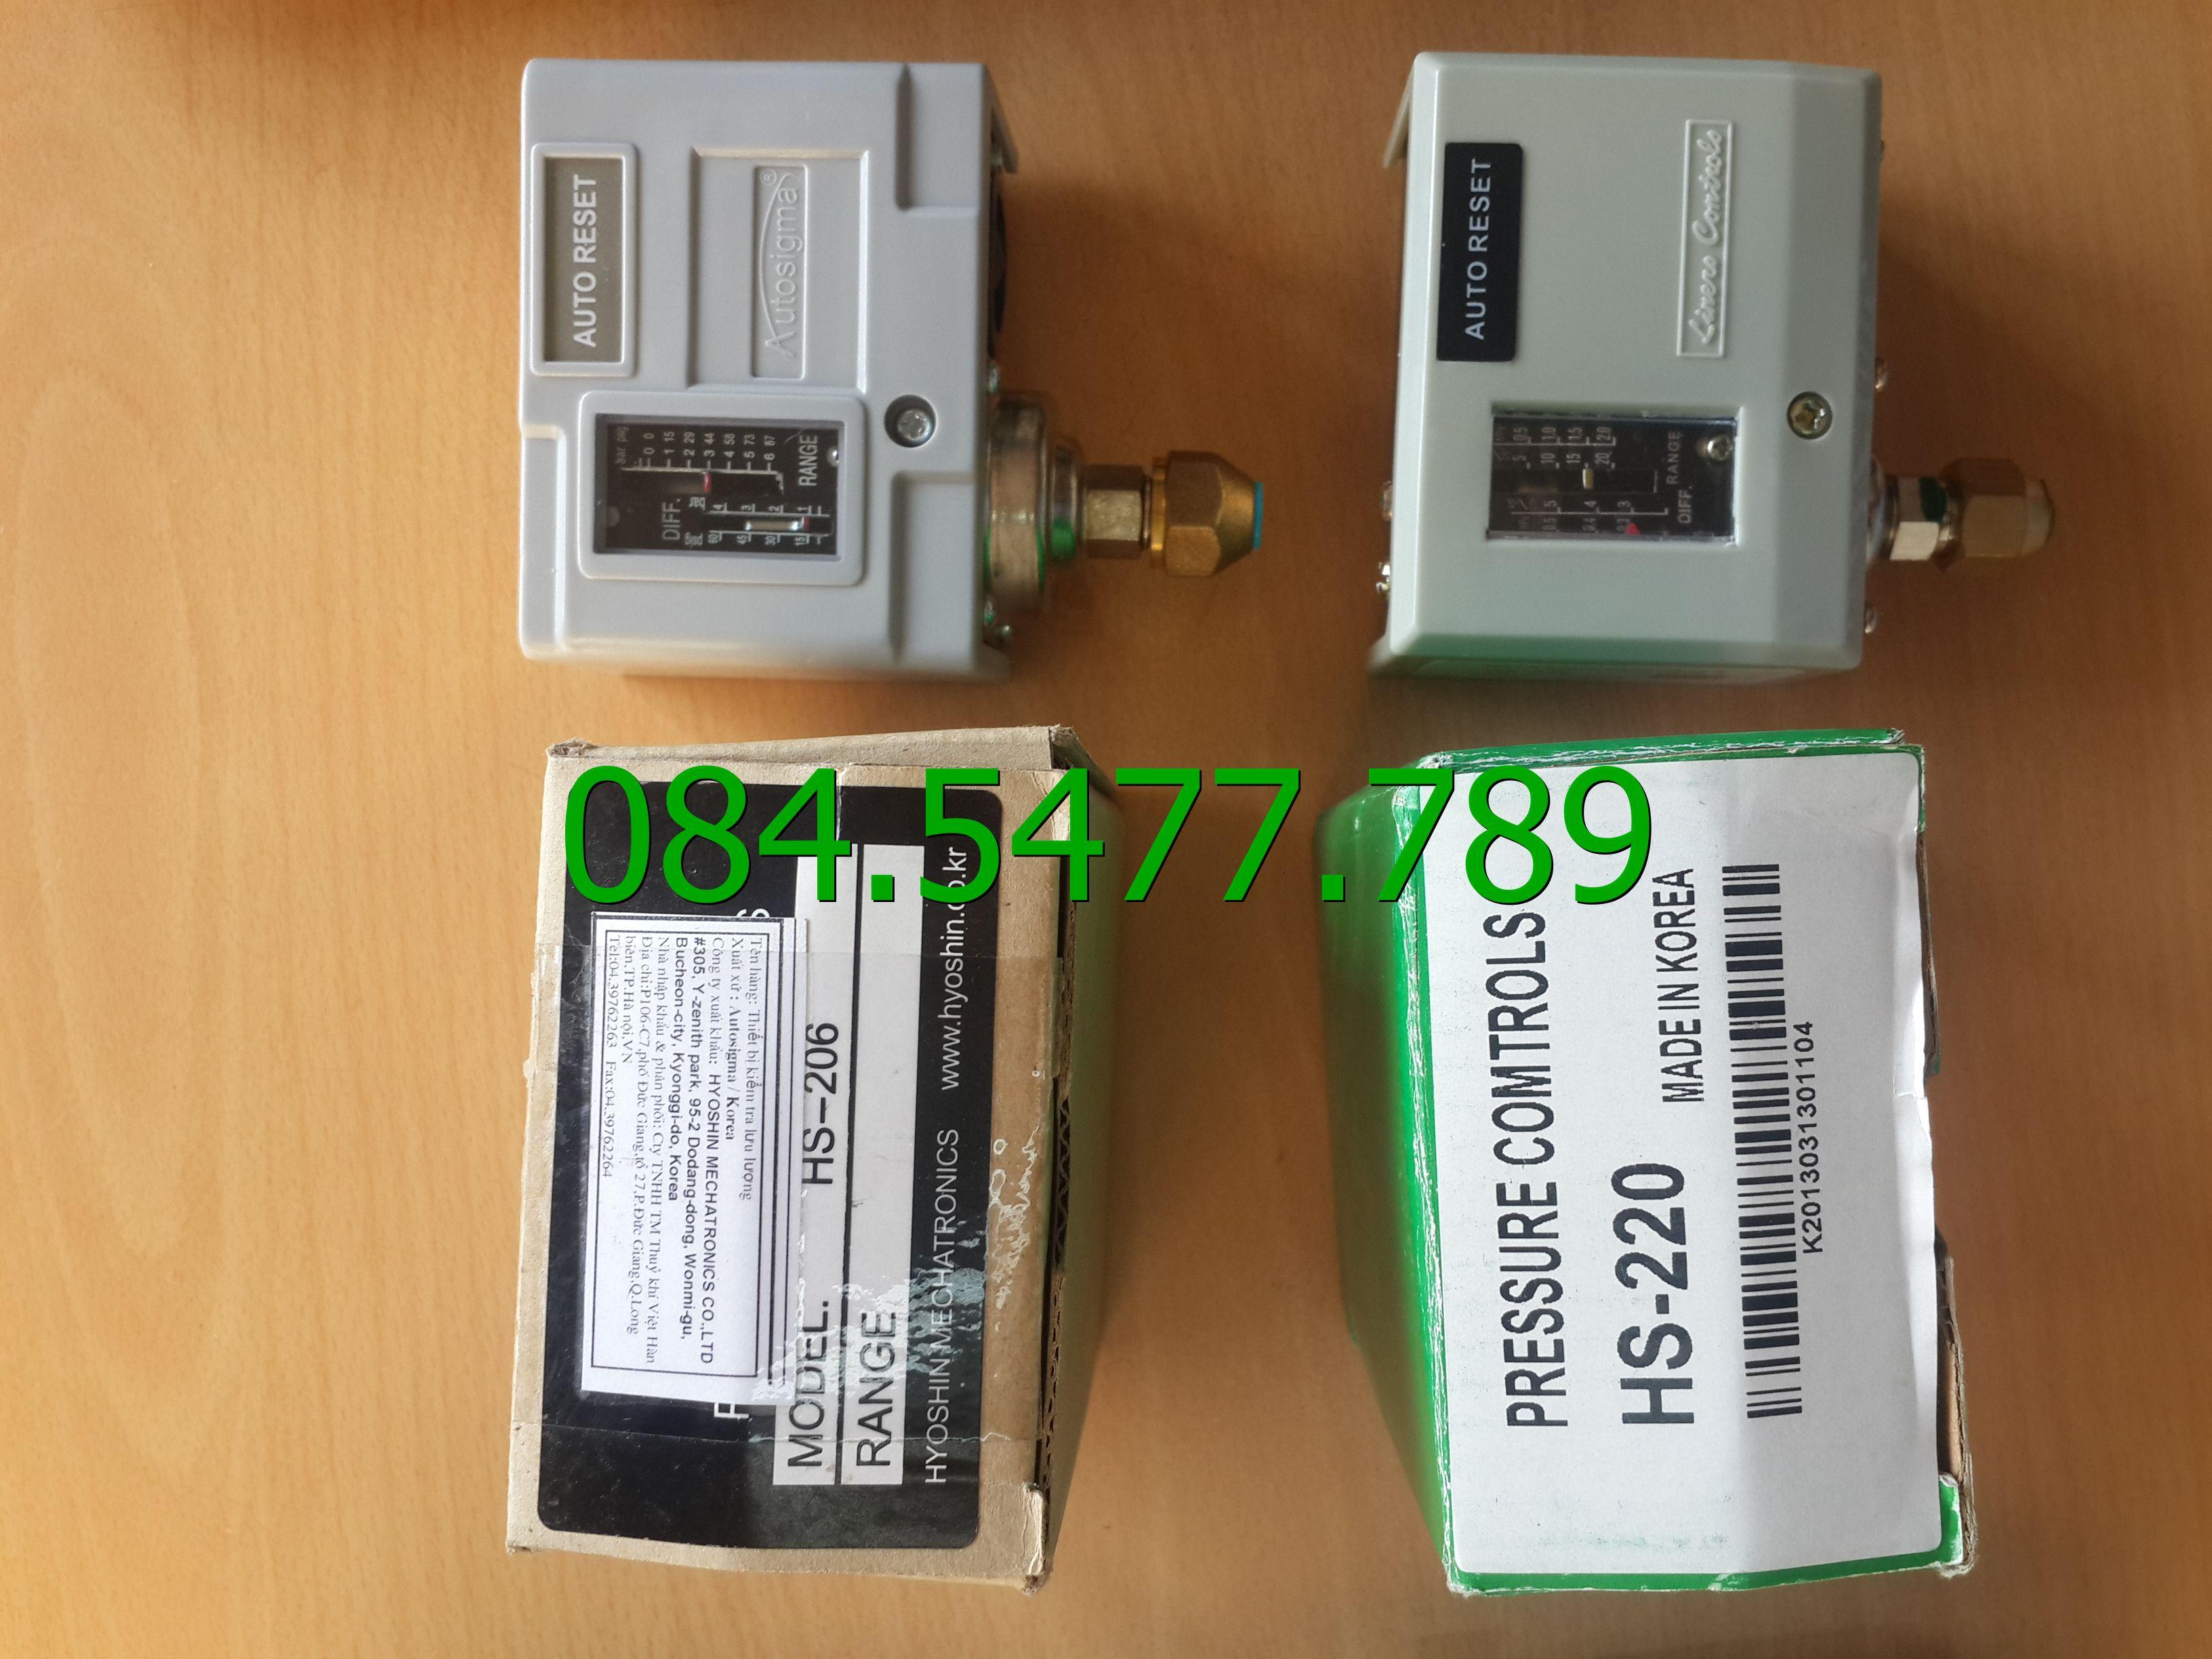 Thiết bị kiểm tra áp suất HS220(5-20)